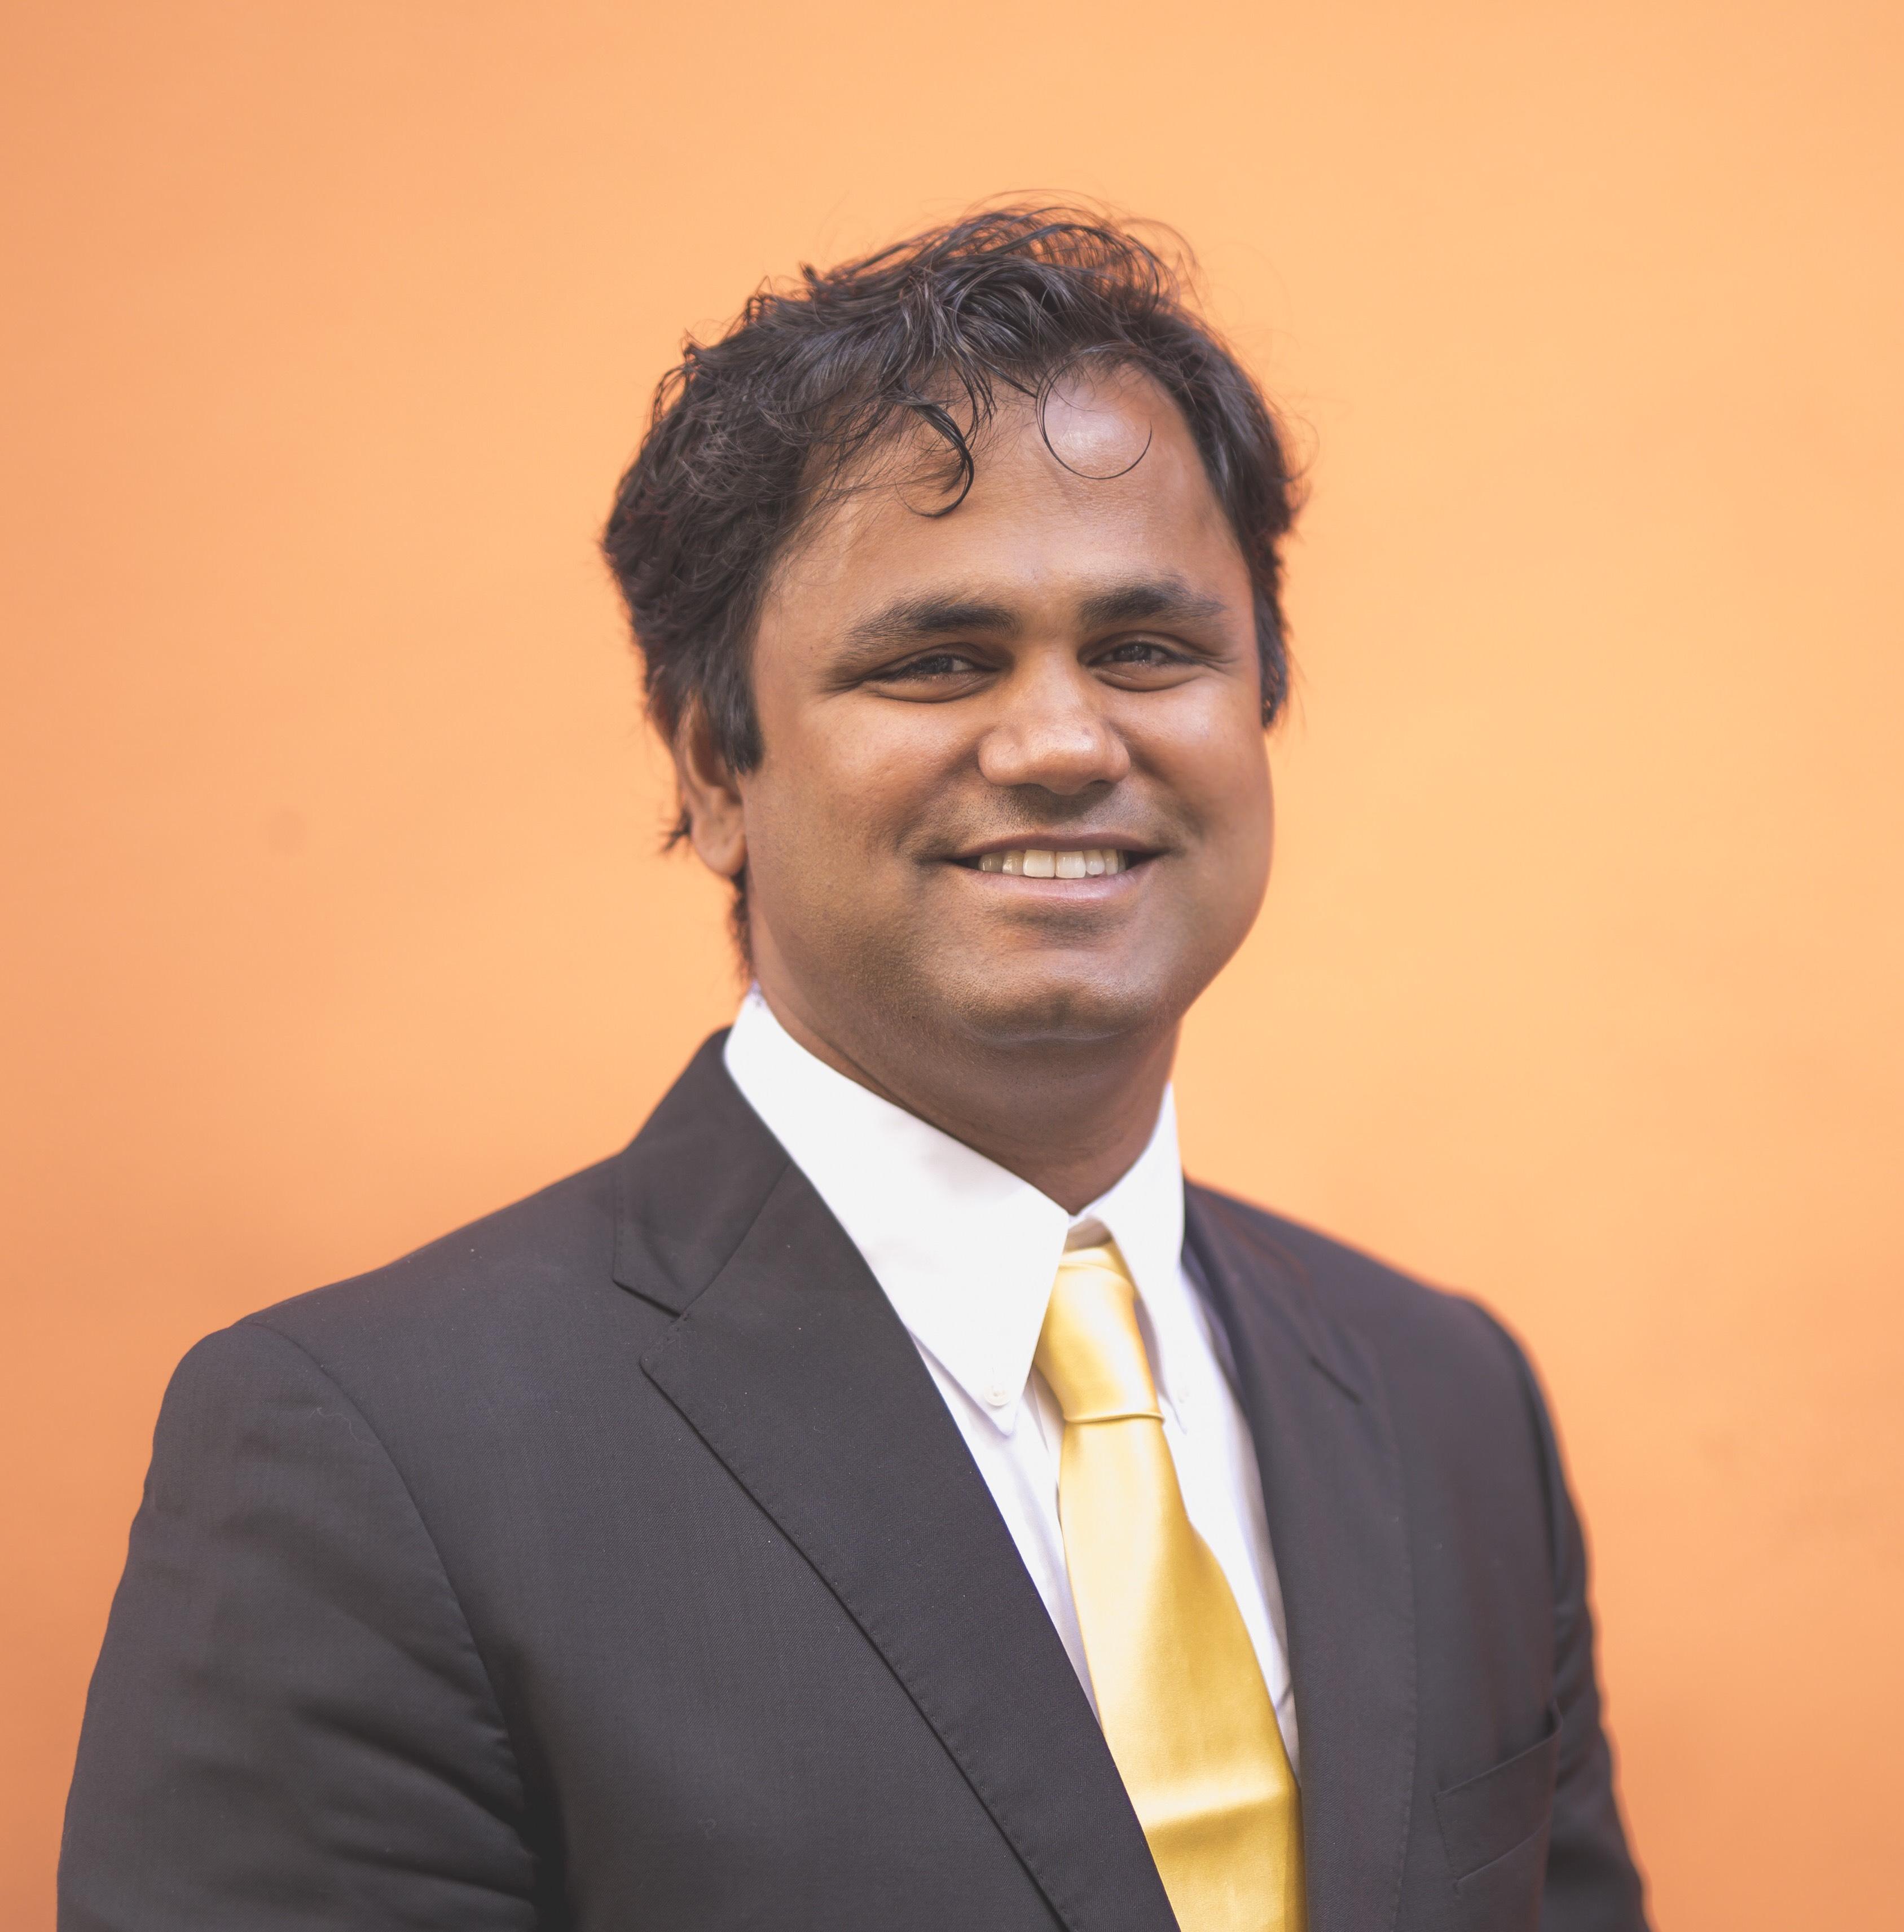 Ajit Kulkarni